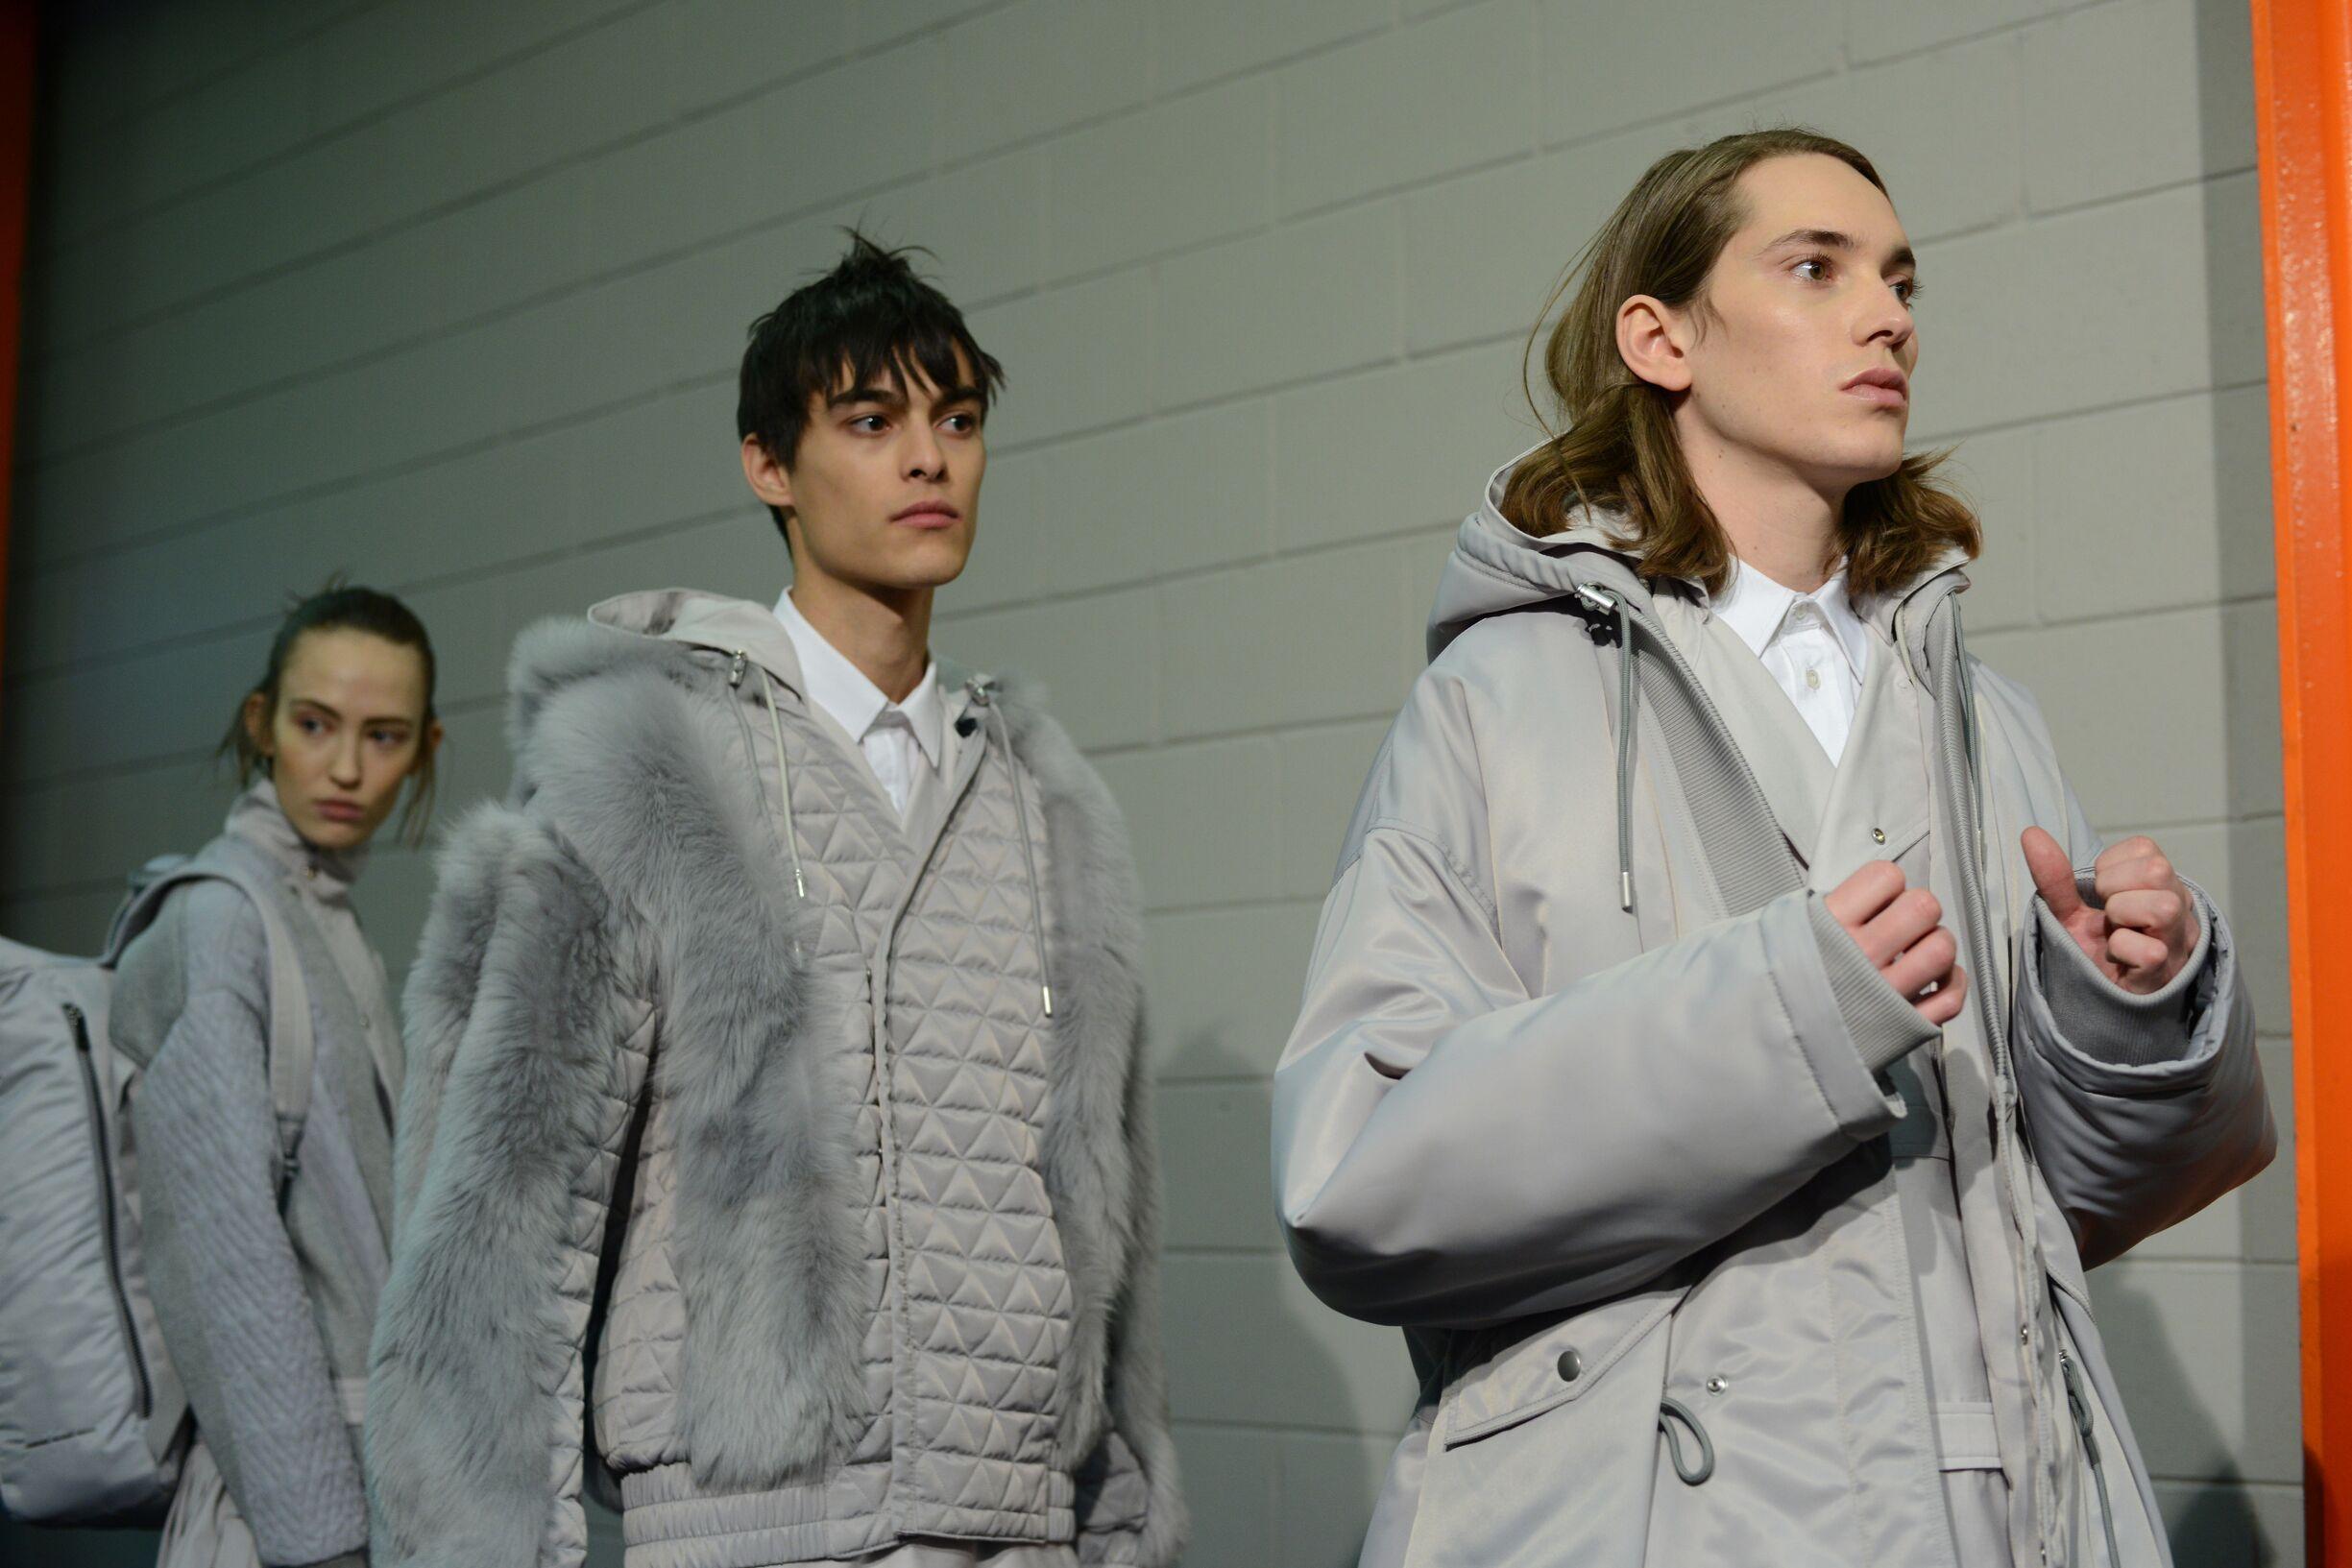 Backstage Diesel Black Gold Fashion Models